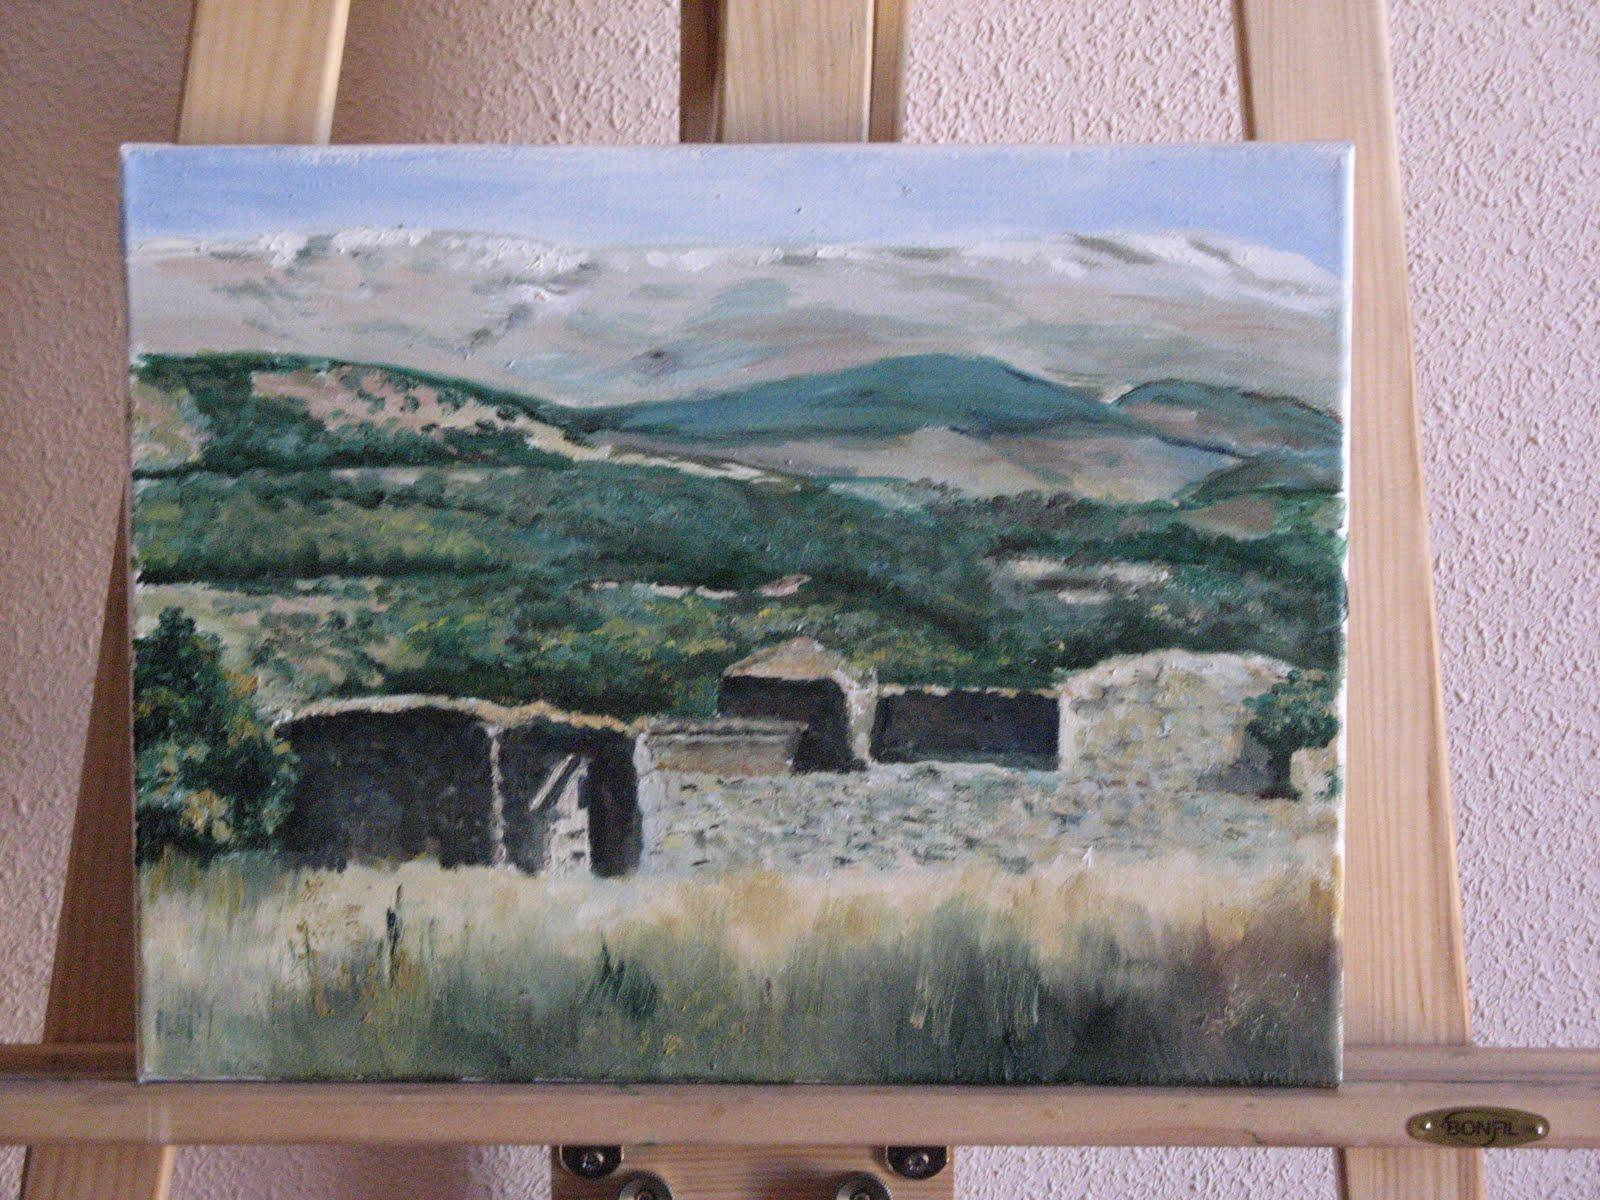 Cuadros al óleo de Bejar y alrededores: Vista de la Sierra